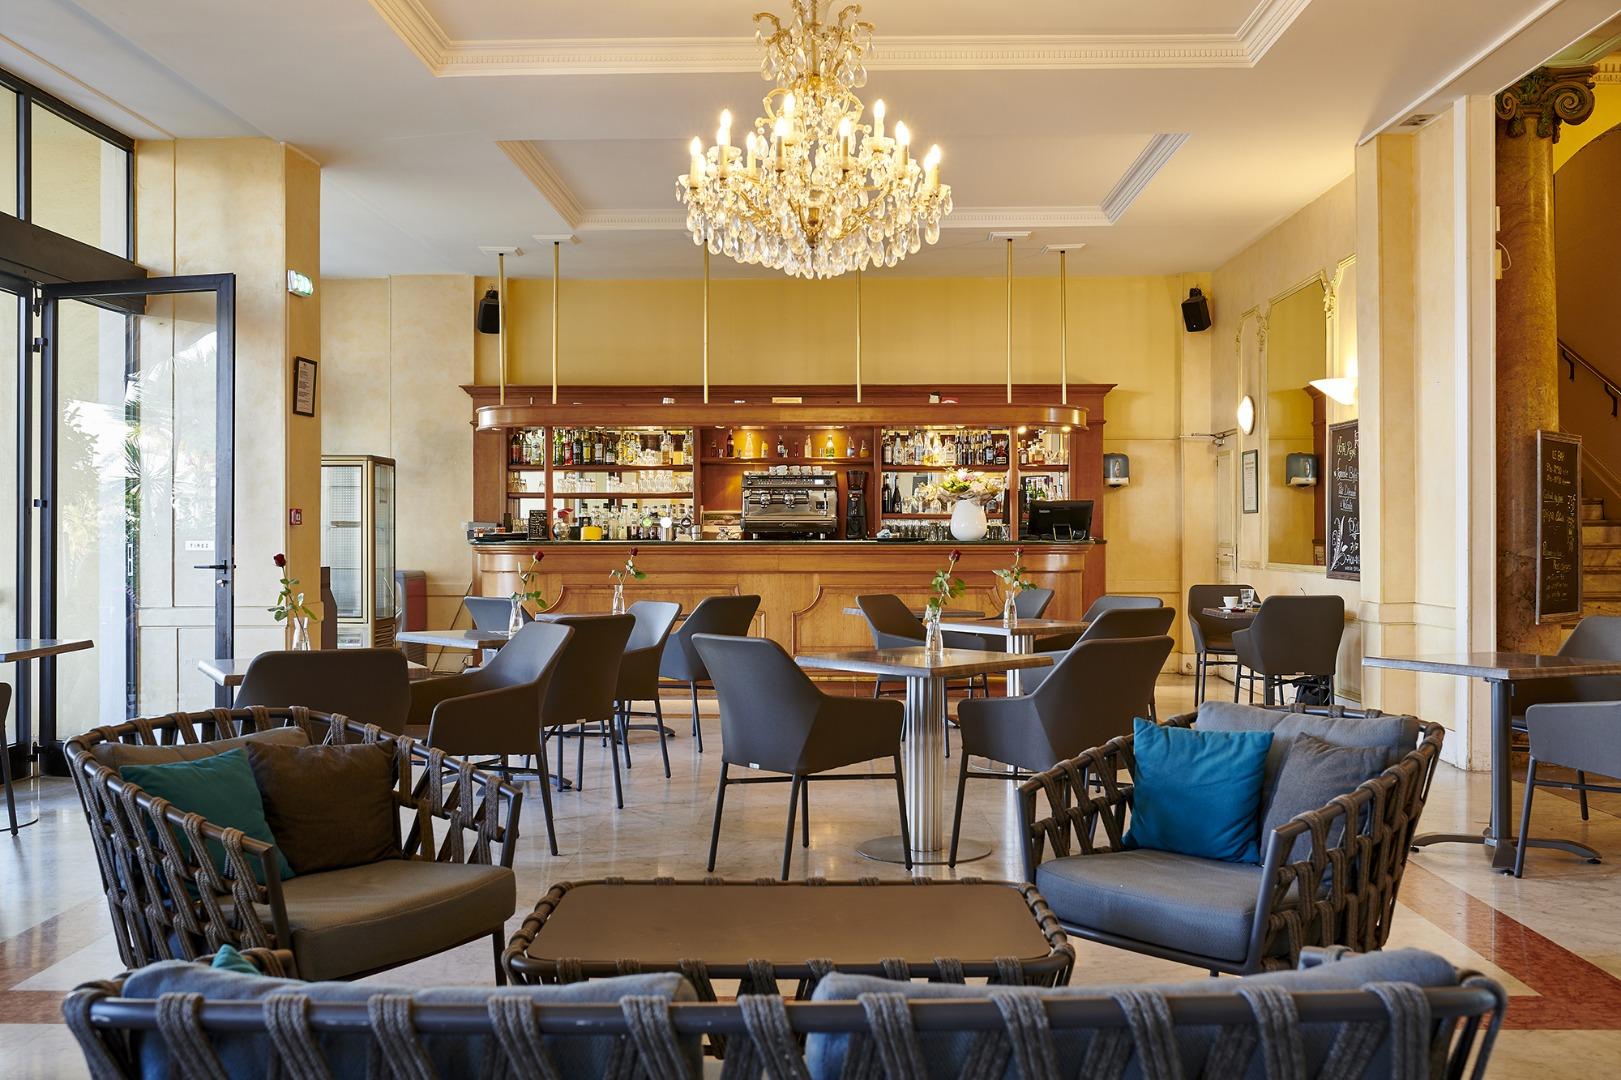 Hôtel vacances bleues - le royal à